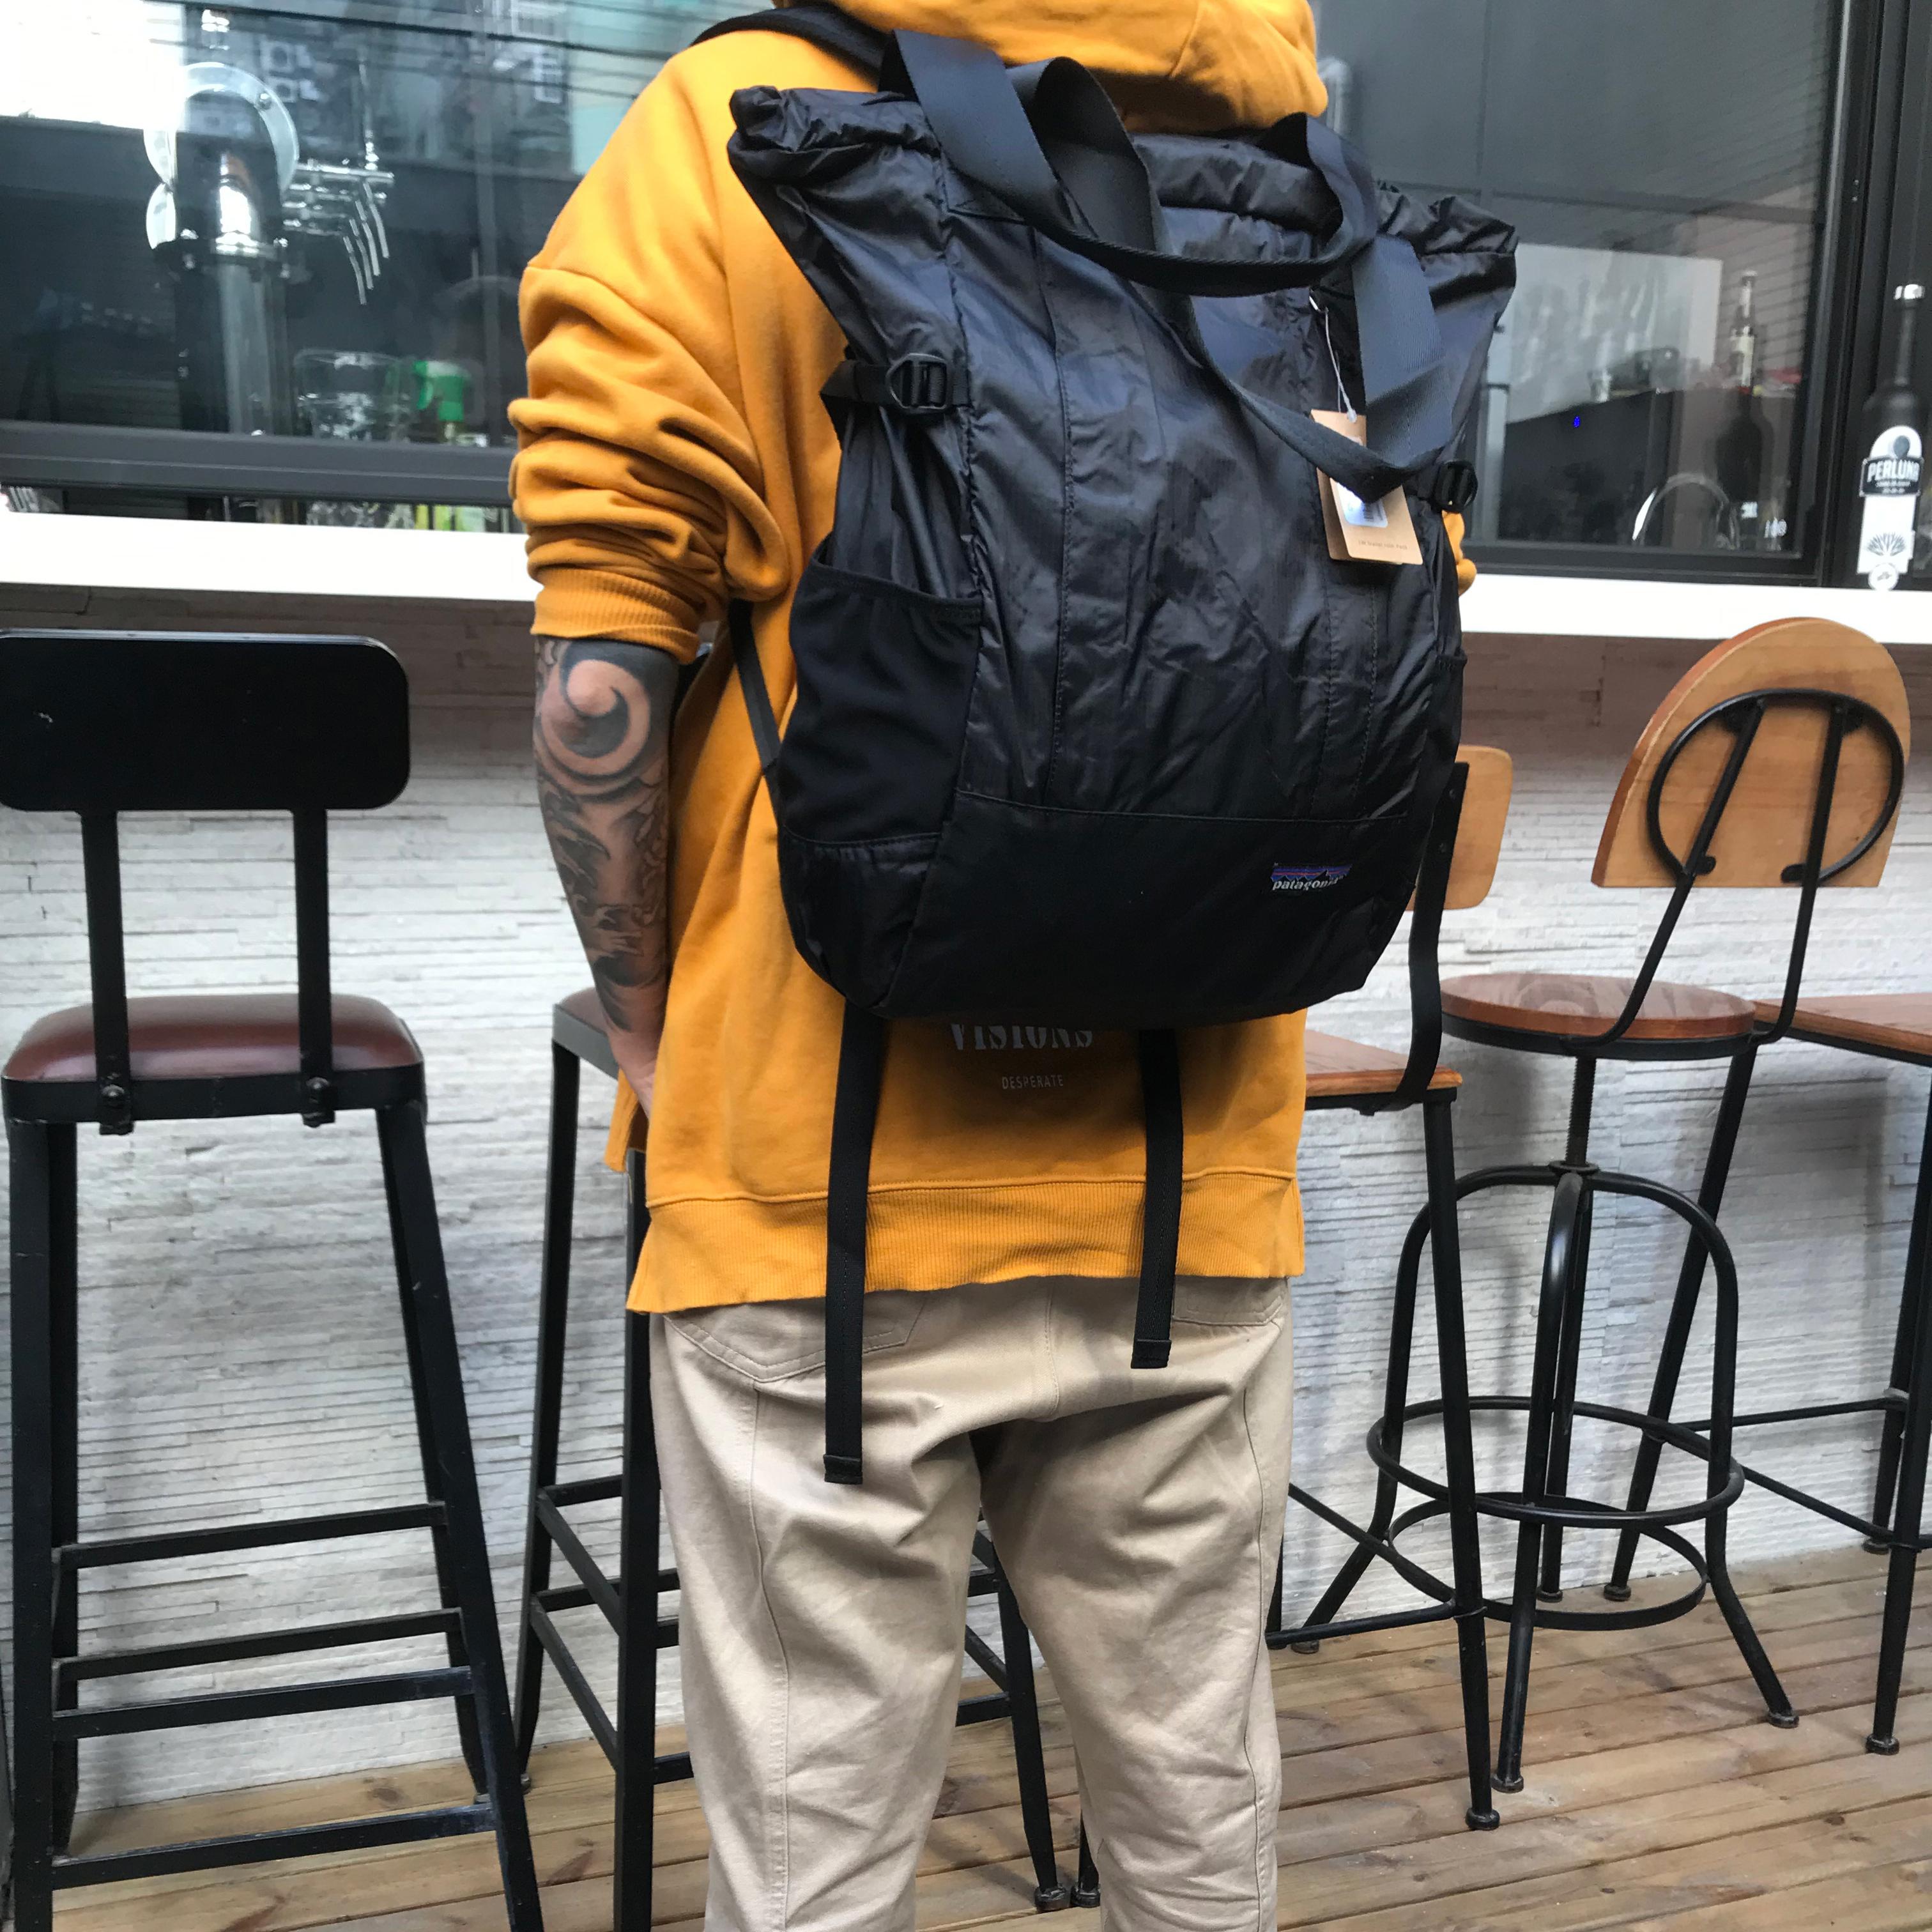 PATAGONIA巴塔多功能手提休闲包双肩包户外徒步旅行包男女通用款